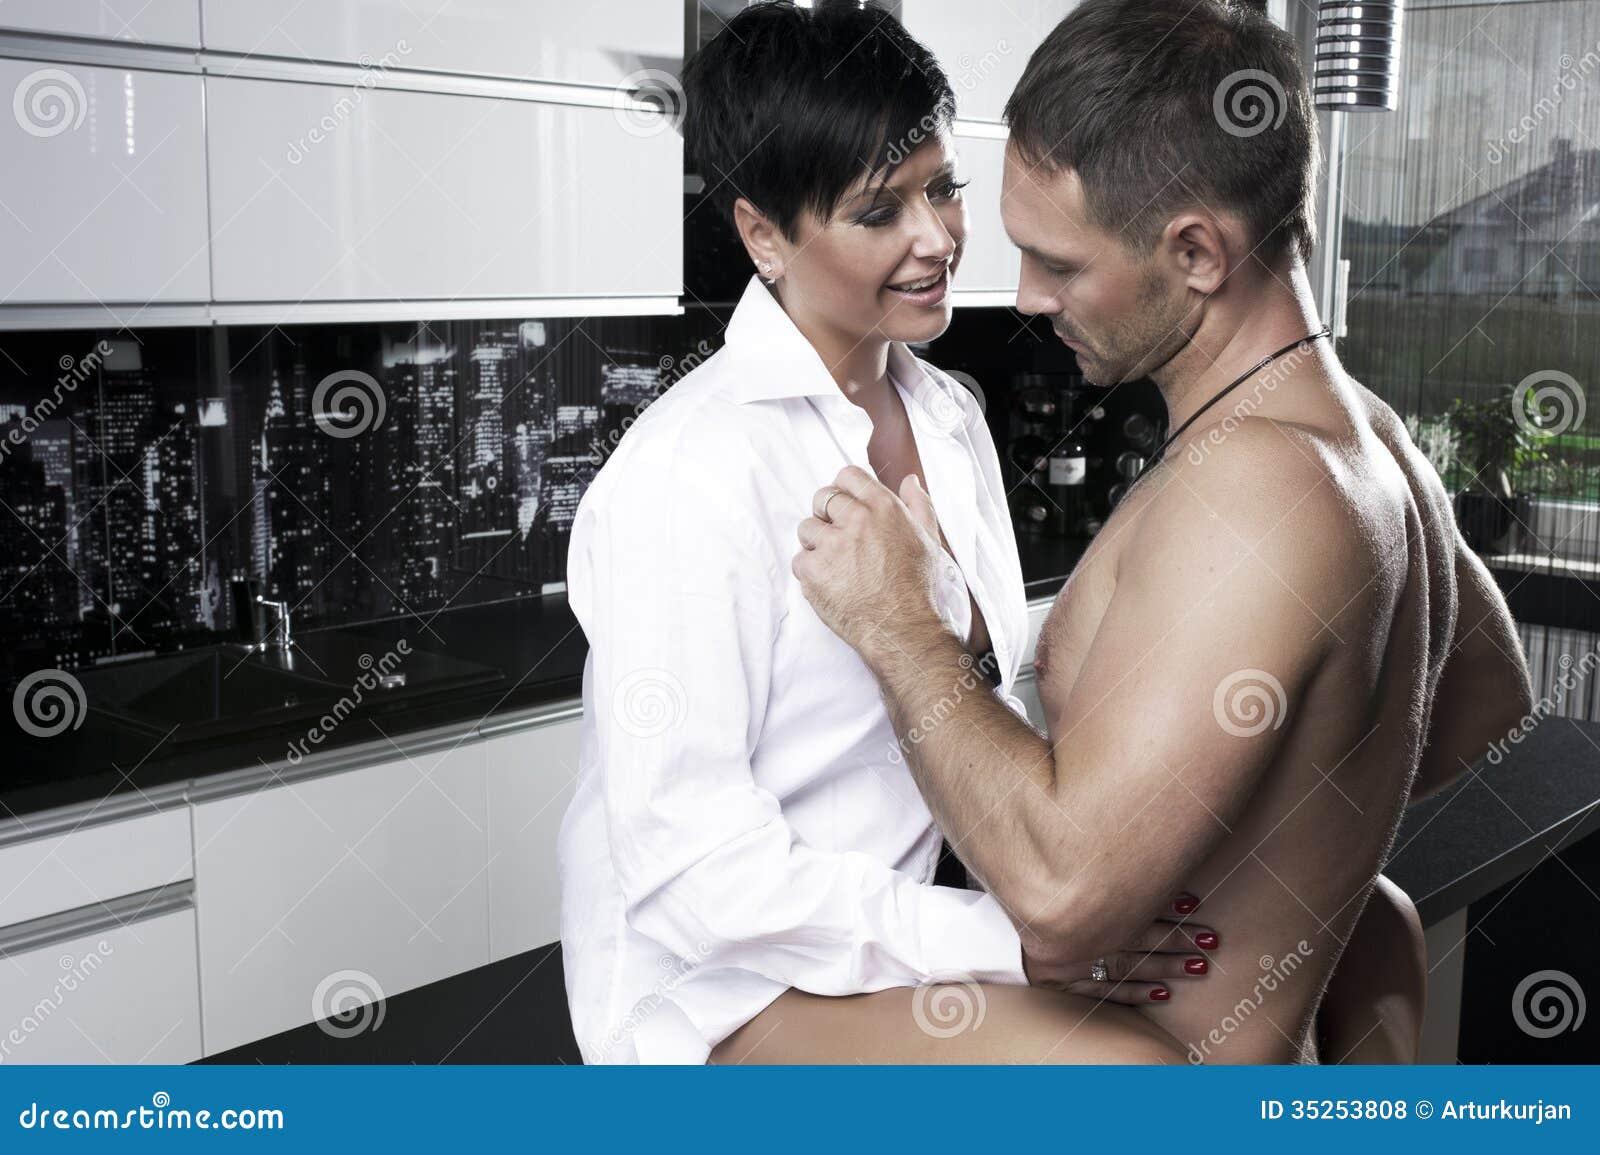 性感的夫妇在厨房里